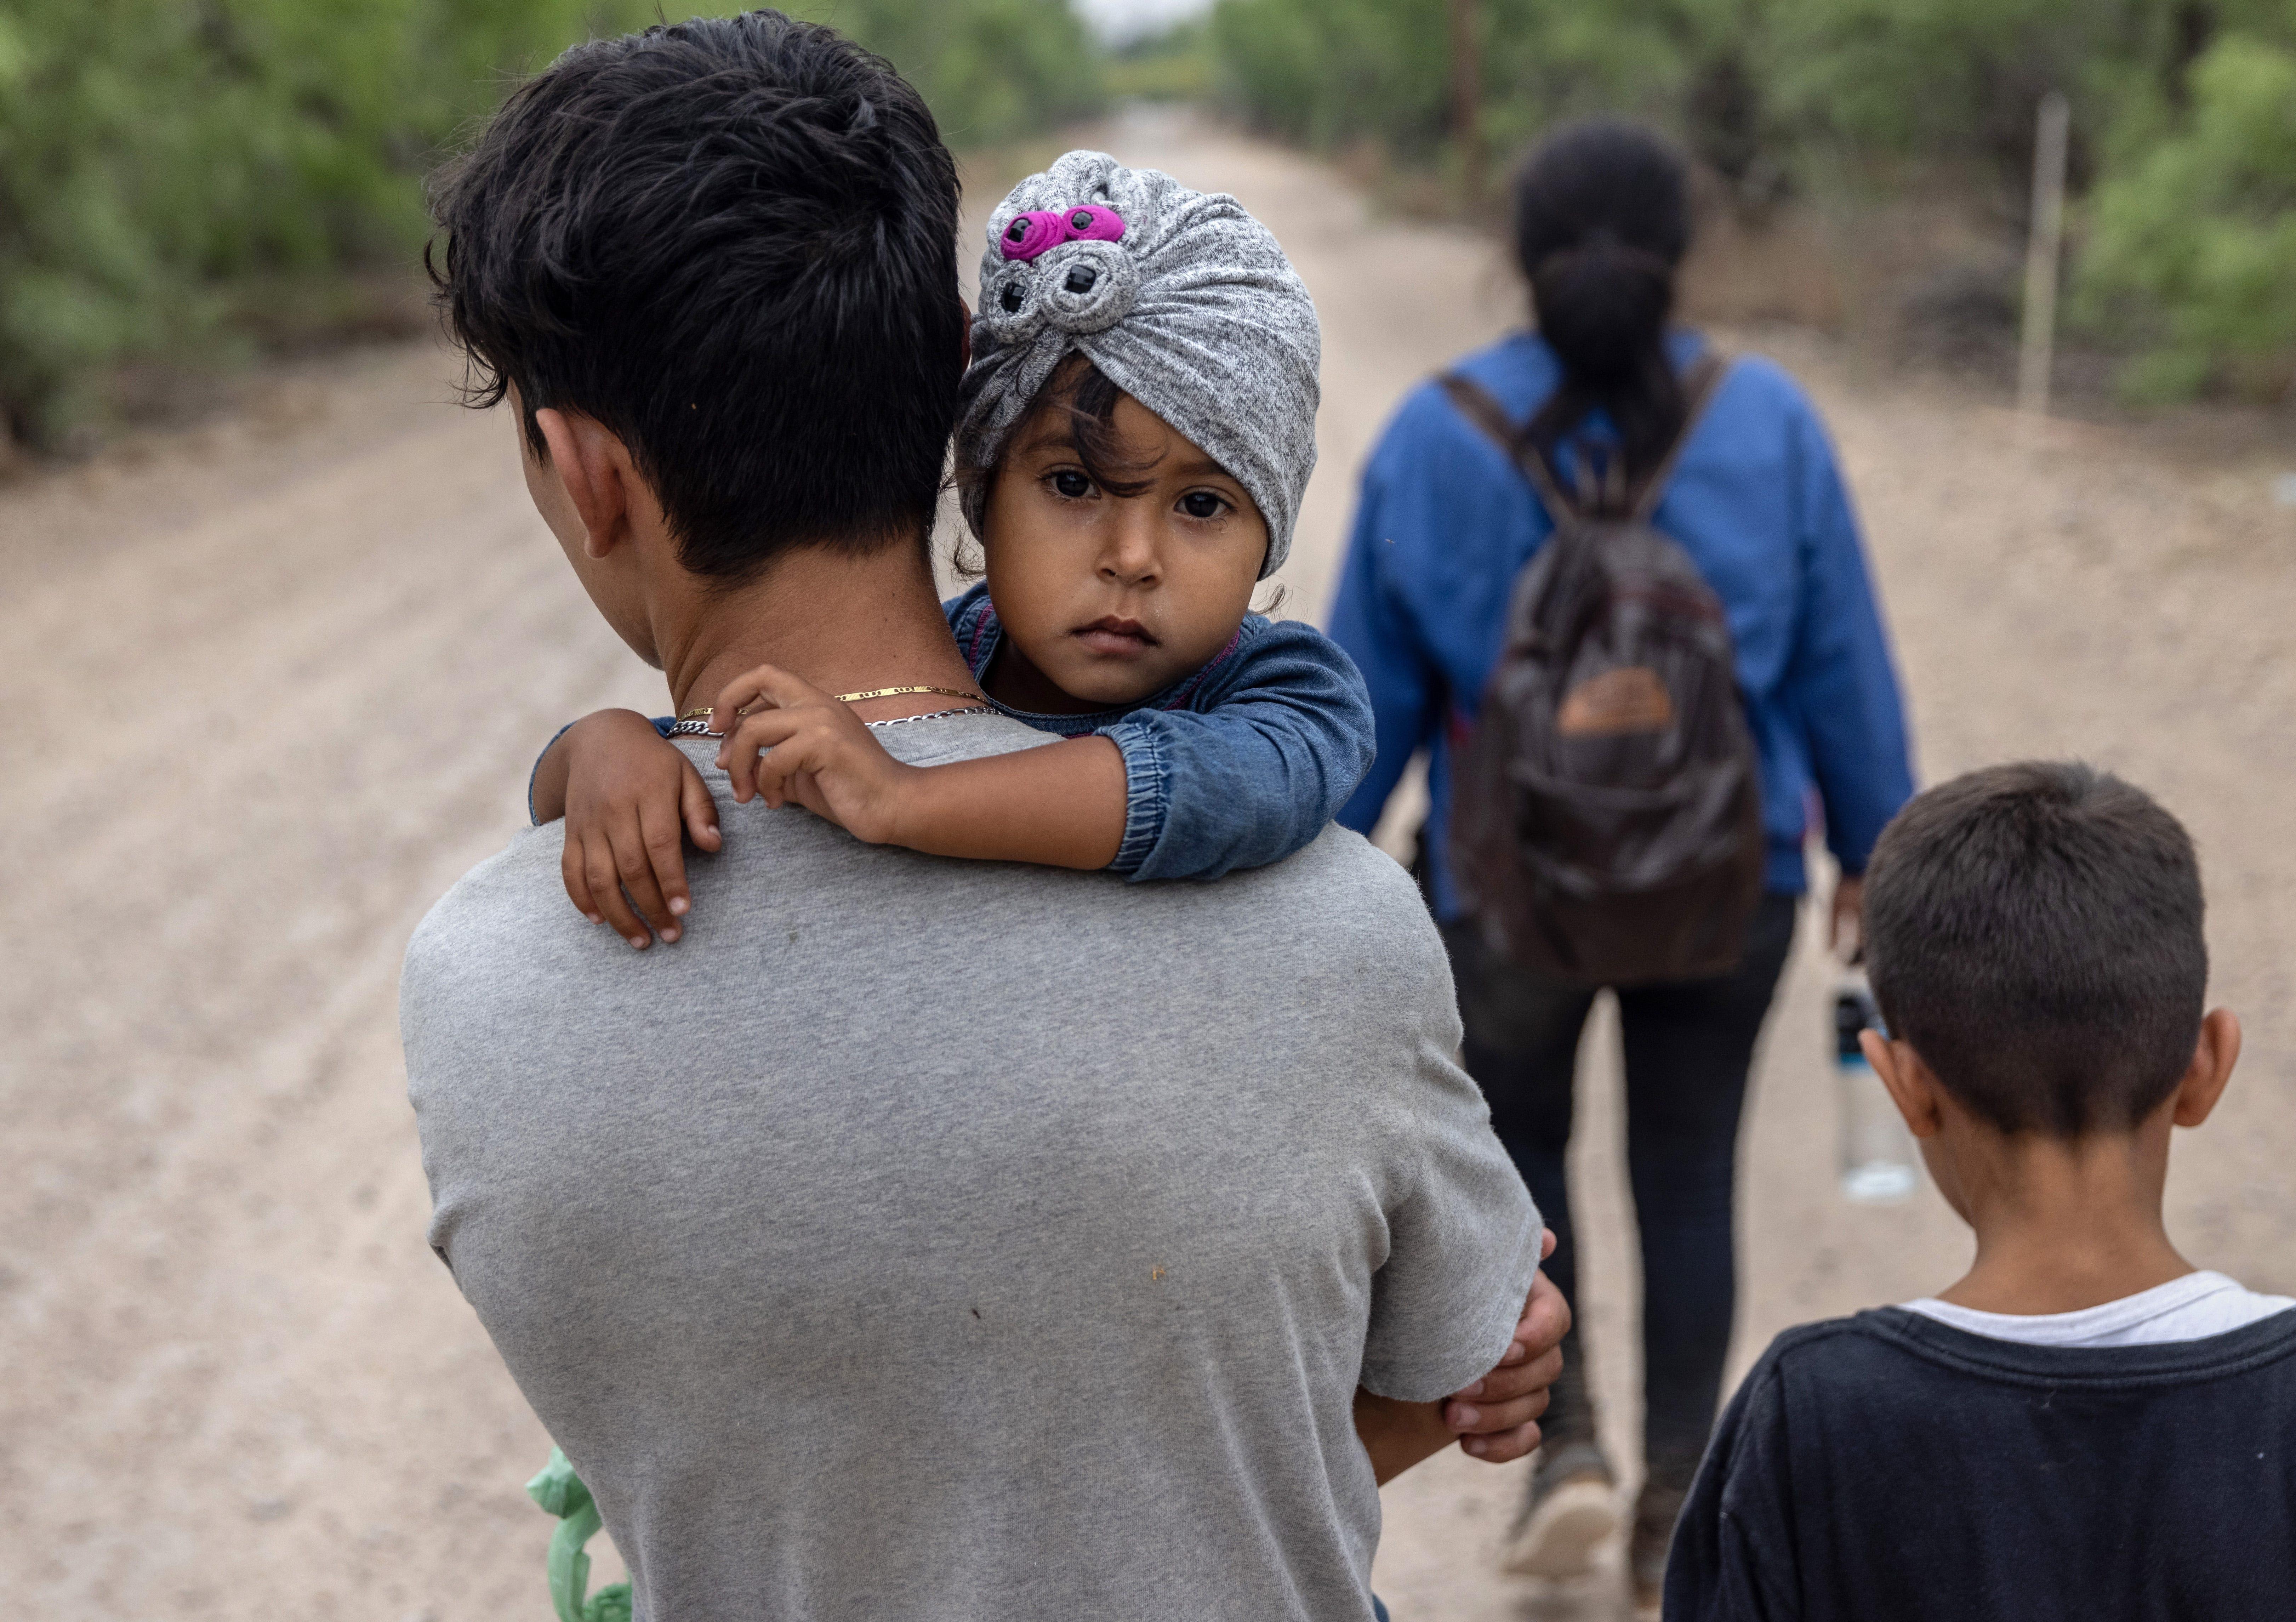 Immigrants at border